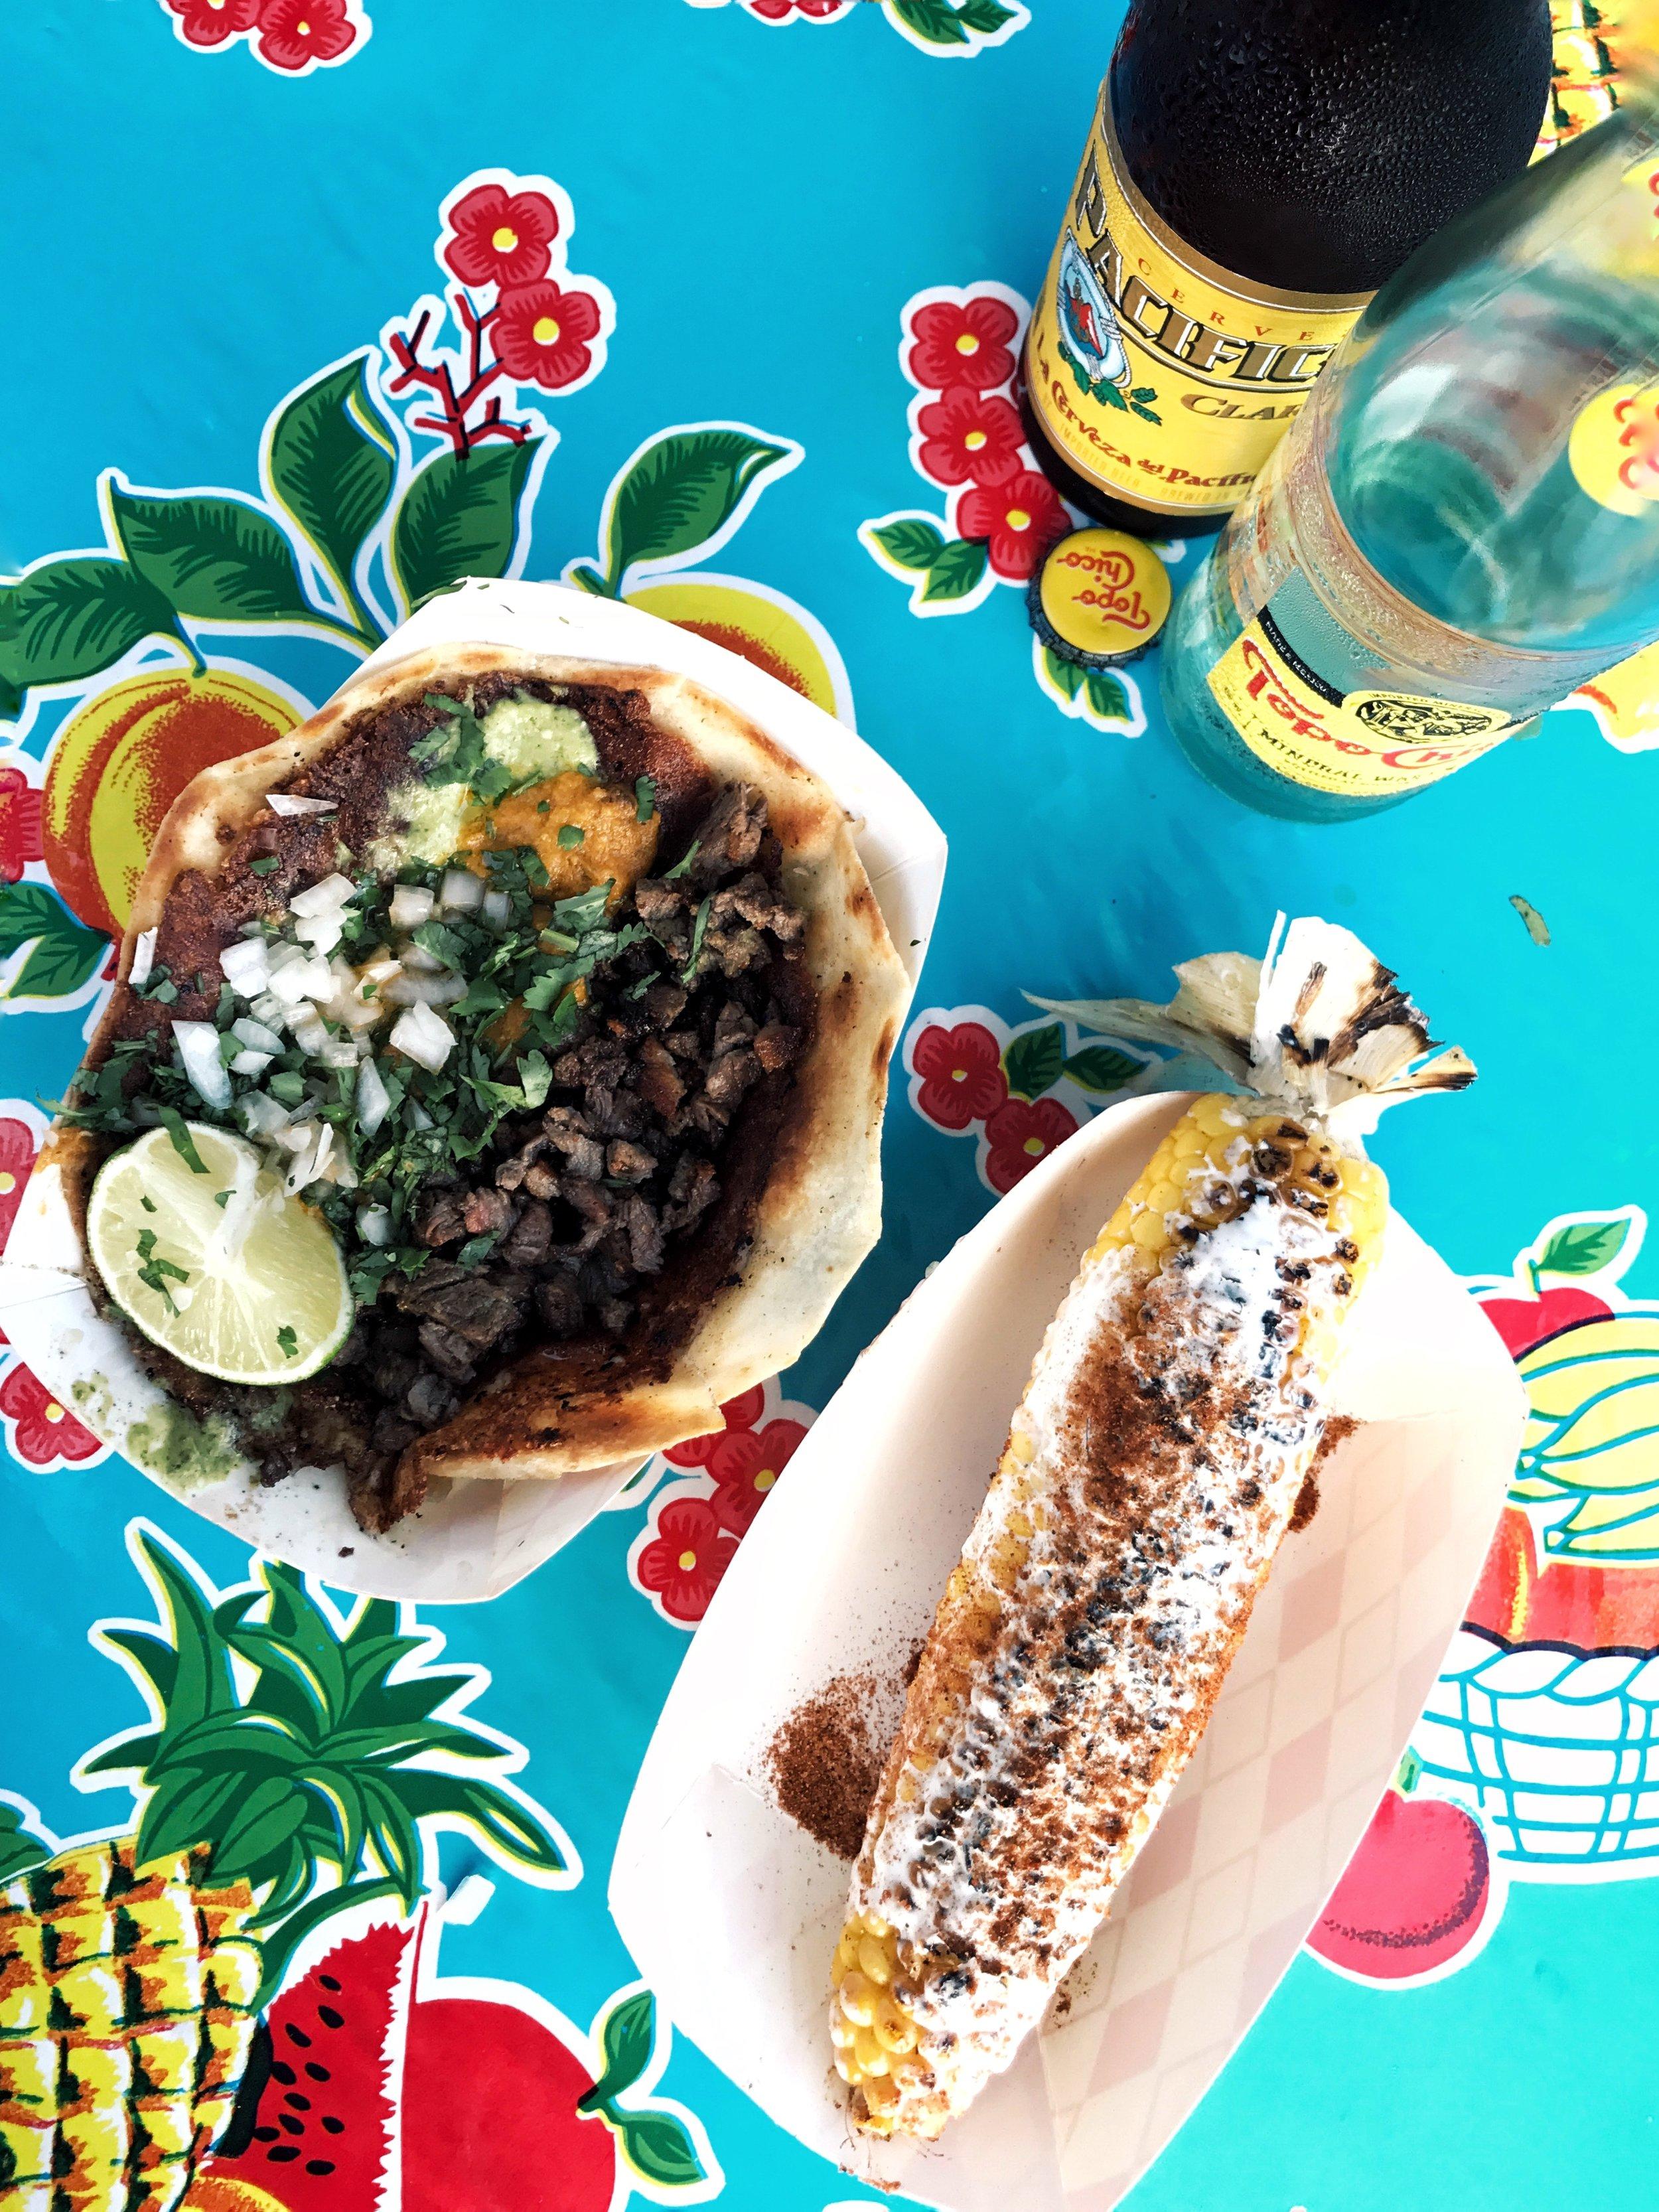 Best Street Tacos in Austin, Tx - Vaquero Taquero - www.tresgigi.com